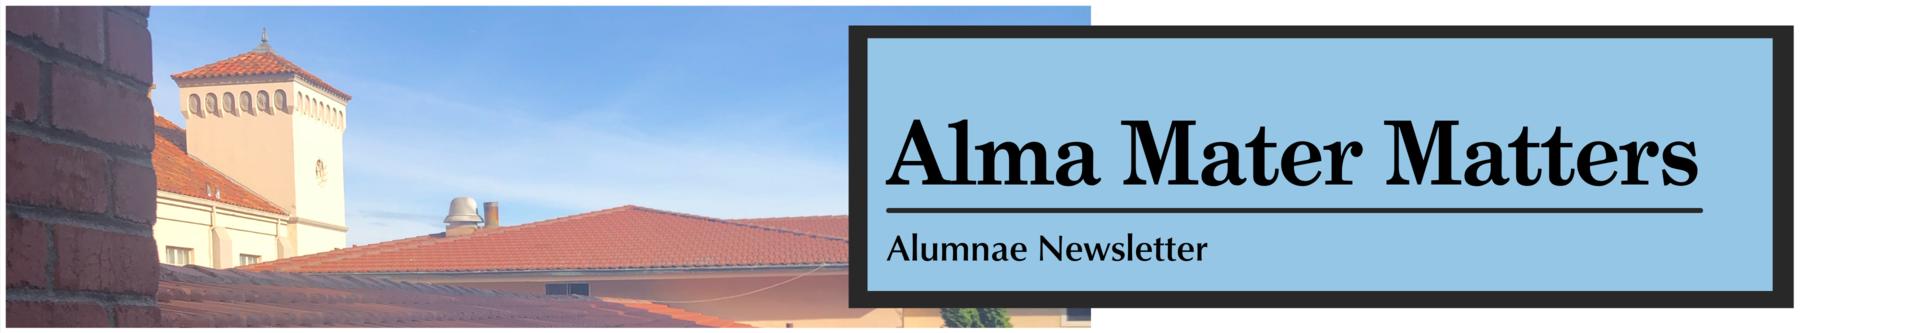 ICA Cristo Rey Alumnae Newsletter